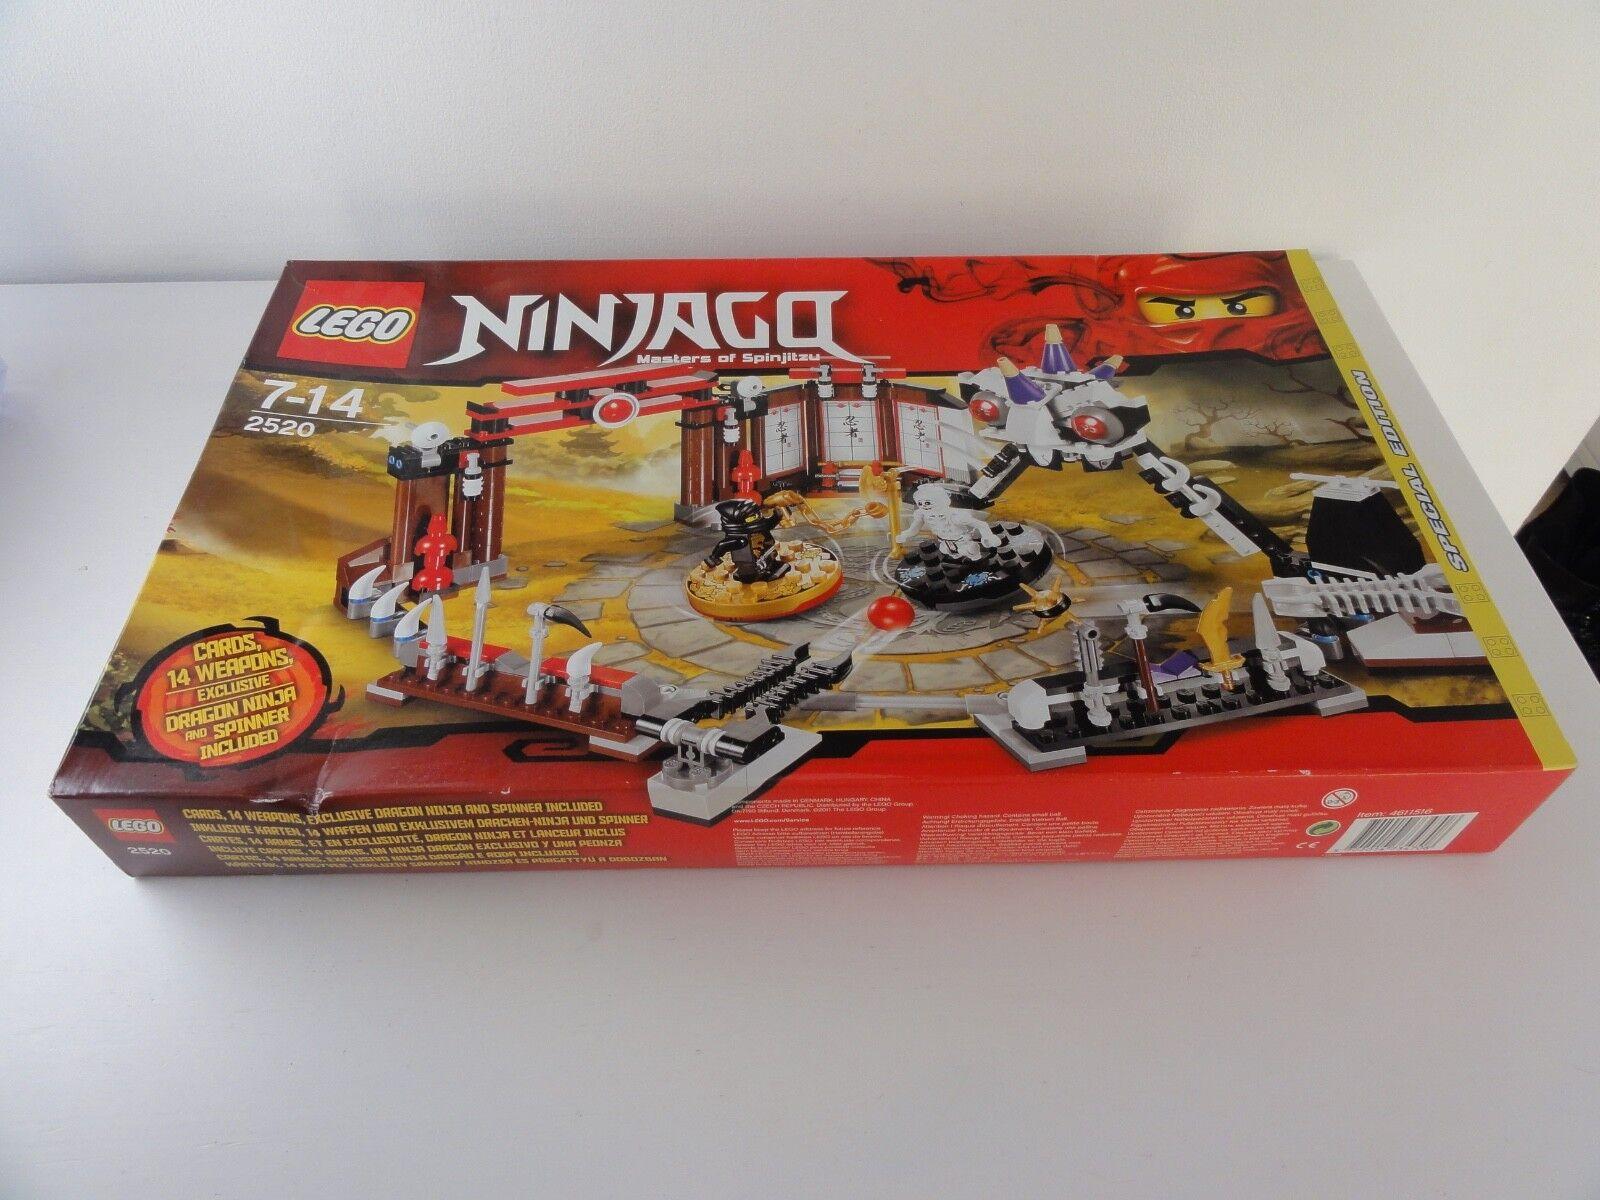 Lego 2520 setnr. ninjago ovp new/neu masters of spinjitzu